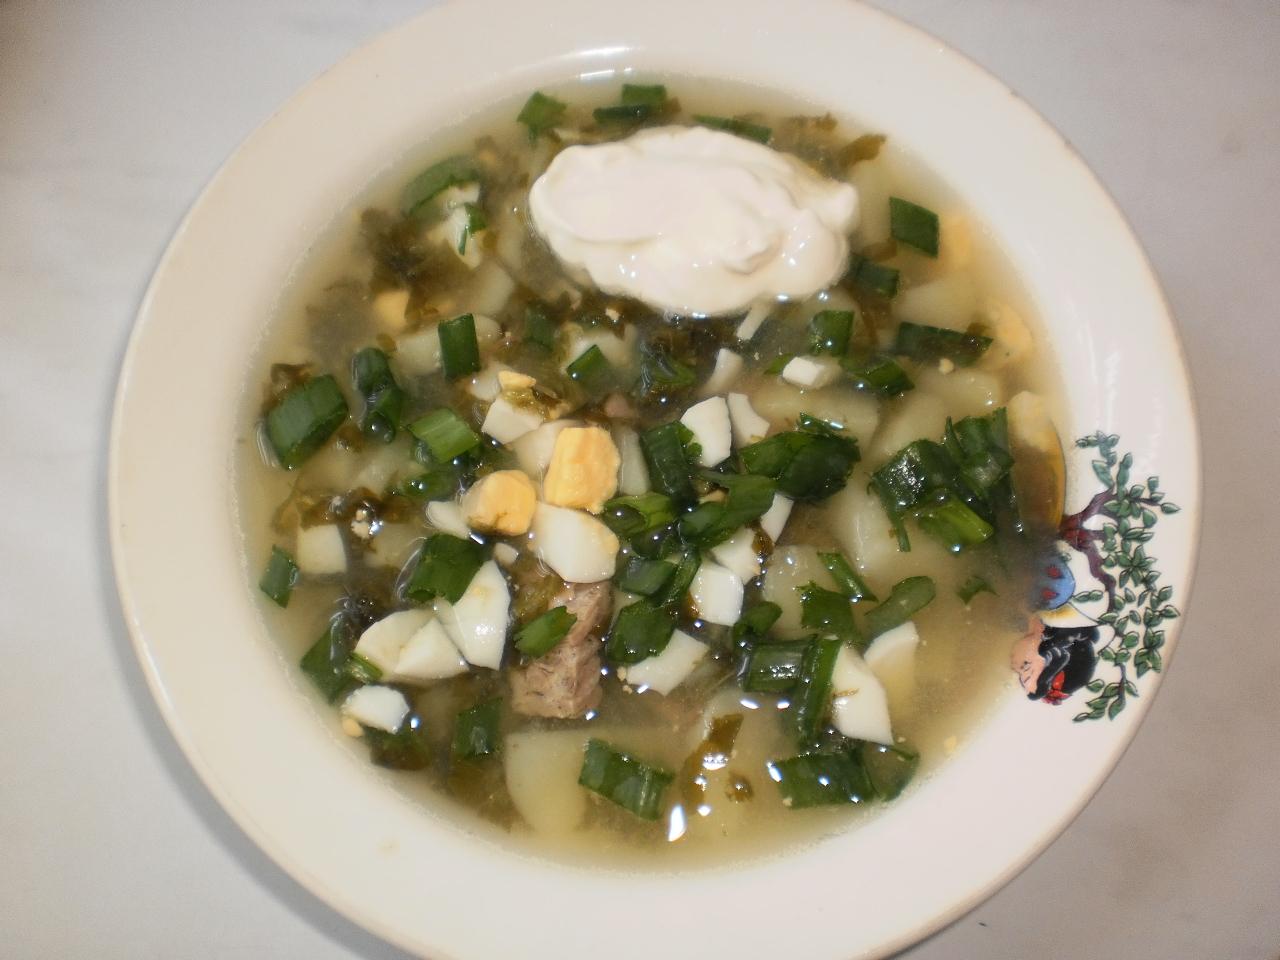 Щавелевый суп с яйцом классический рецепт с фото пошагово 65